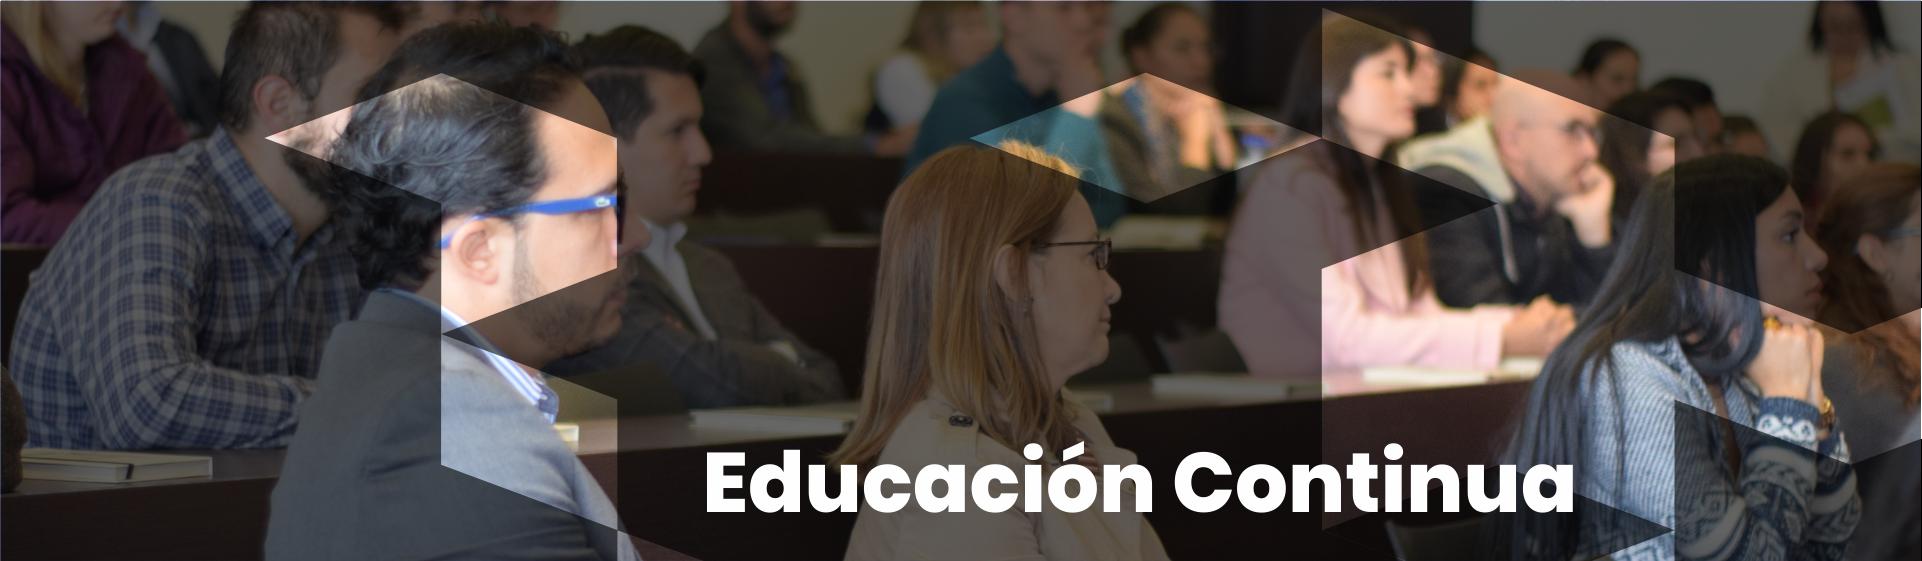 educacion continuada del Cider | Uniandes